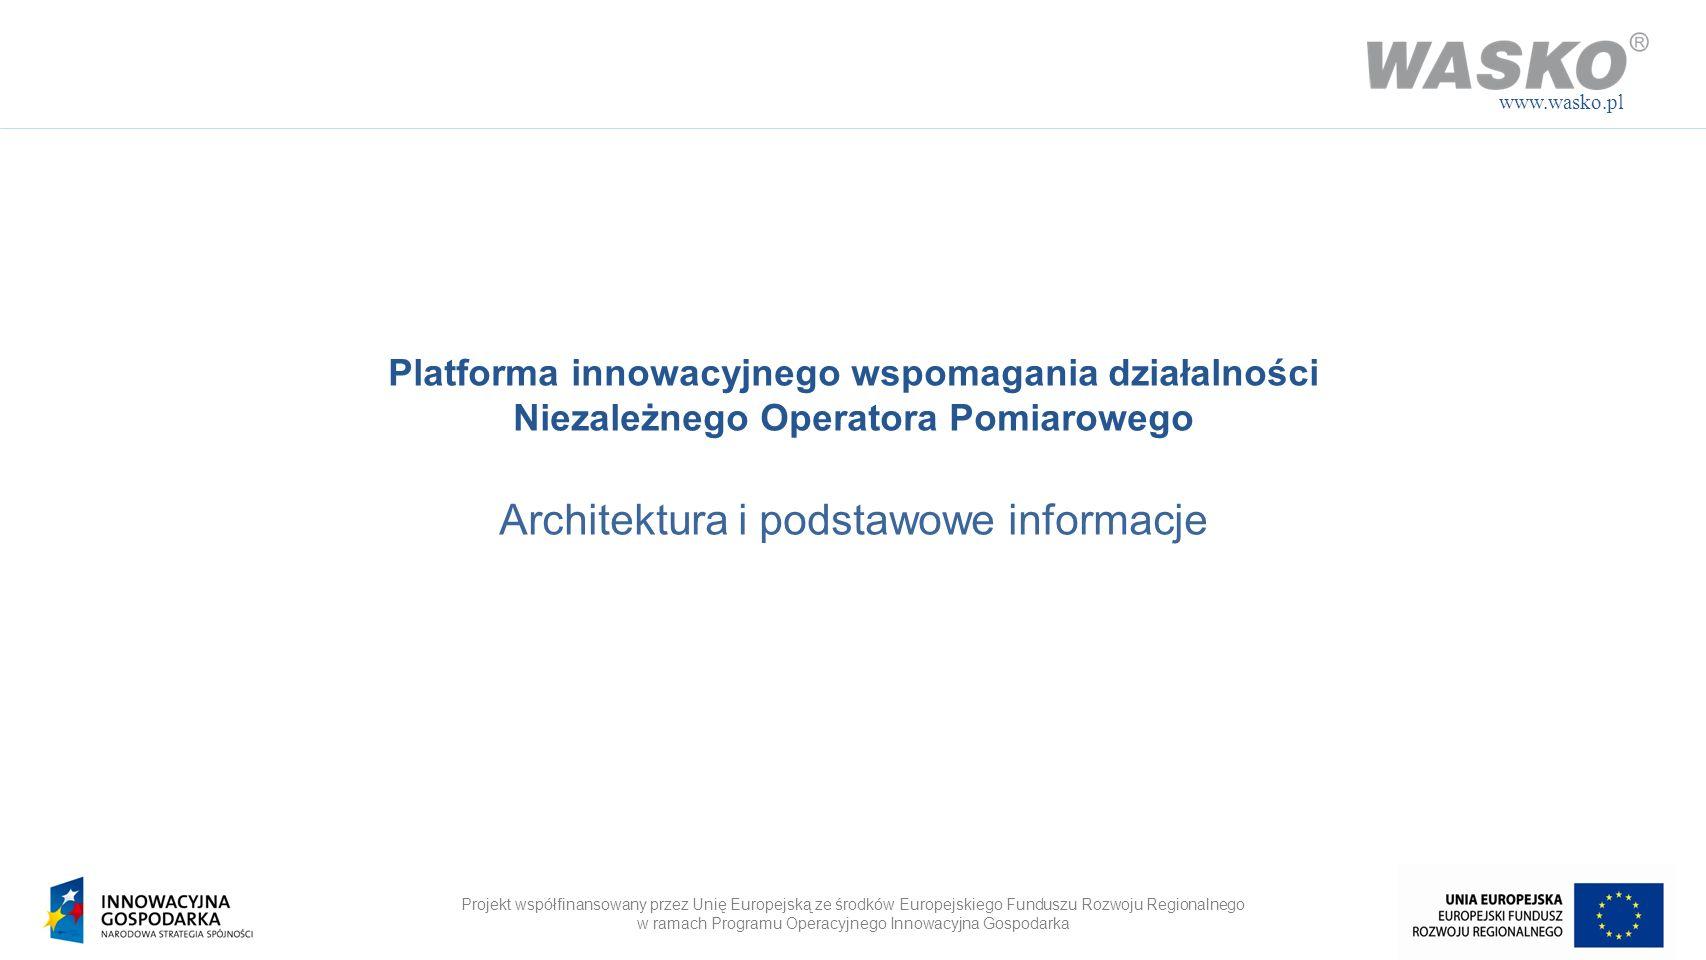 Projekt współfinansowany przez Unię Europejską ze środków Europejskiego Funduszu Rozwoju Regionalnego w ramach Programu Operacyjnego Innowacyjna Gospodarka www.wasko.pl O projekcie Platforma wspomagania Niezależnego Operatora Pomiarowego jest realizowana przez WASKO S.A.